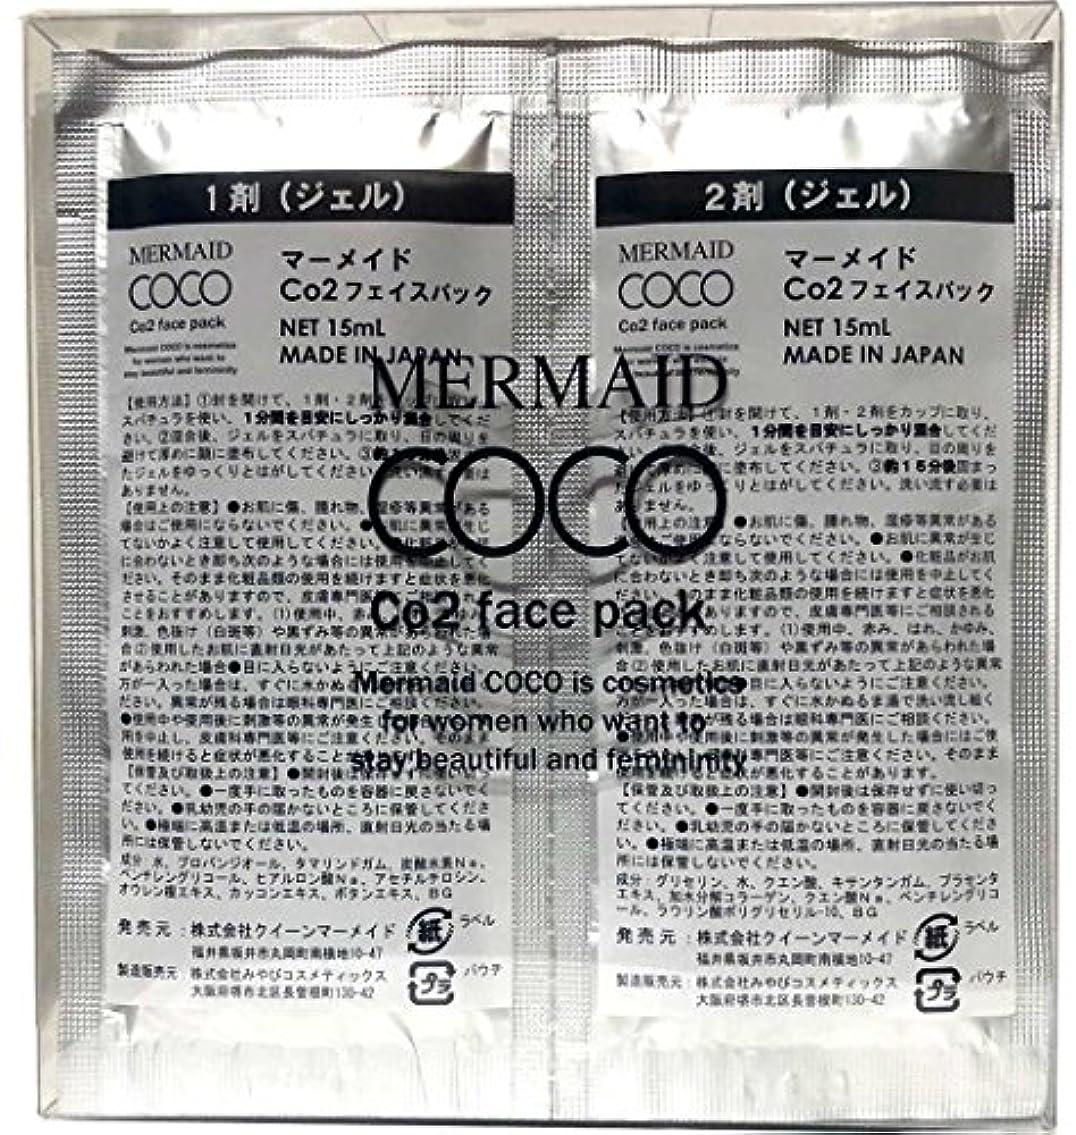 数値仲良しチャレンジマーメイド ココ  MERMAID COCO Co2 フェイスパック 10回分